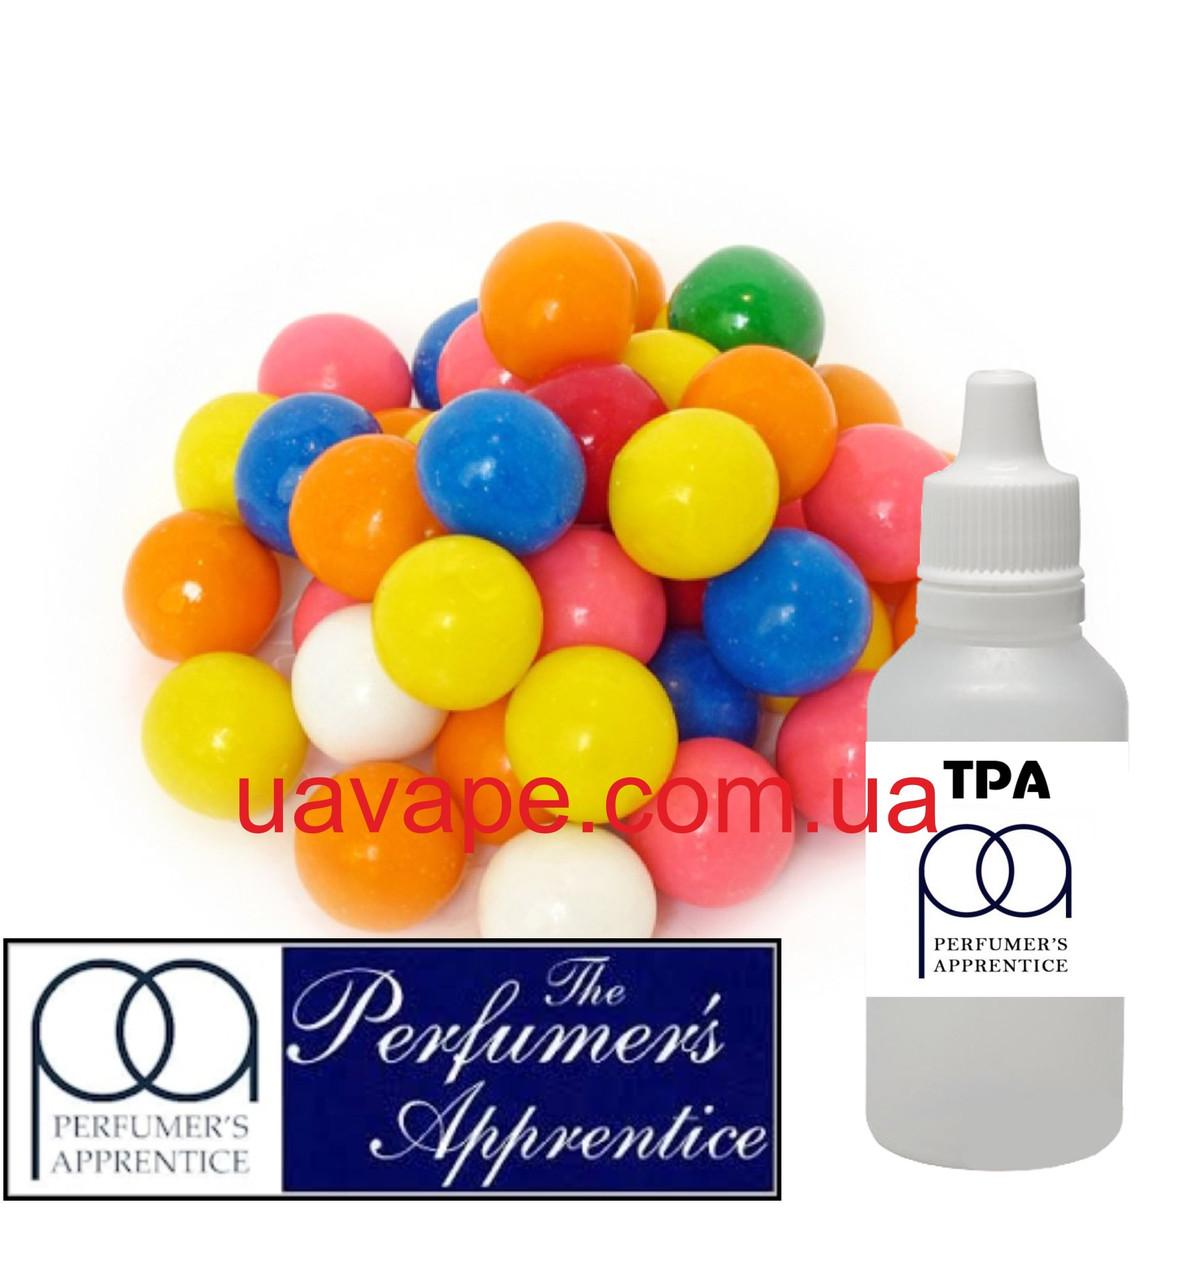 Ароматизатор TPA - Bubblegum (Fruity) Flavor ТПА фруктовая жвачка, 10 мл